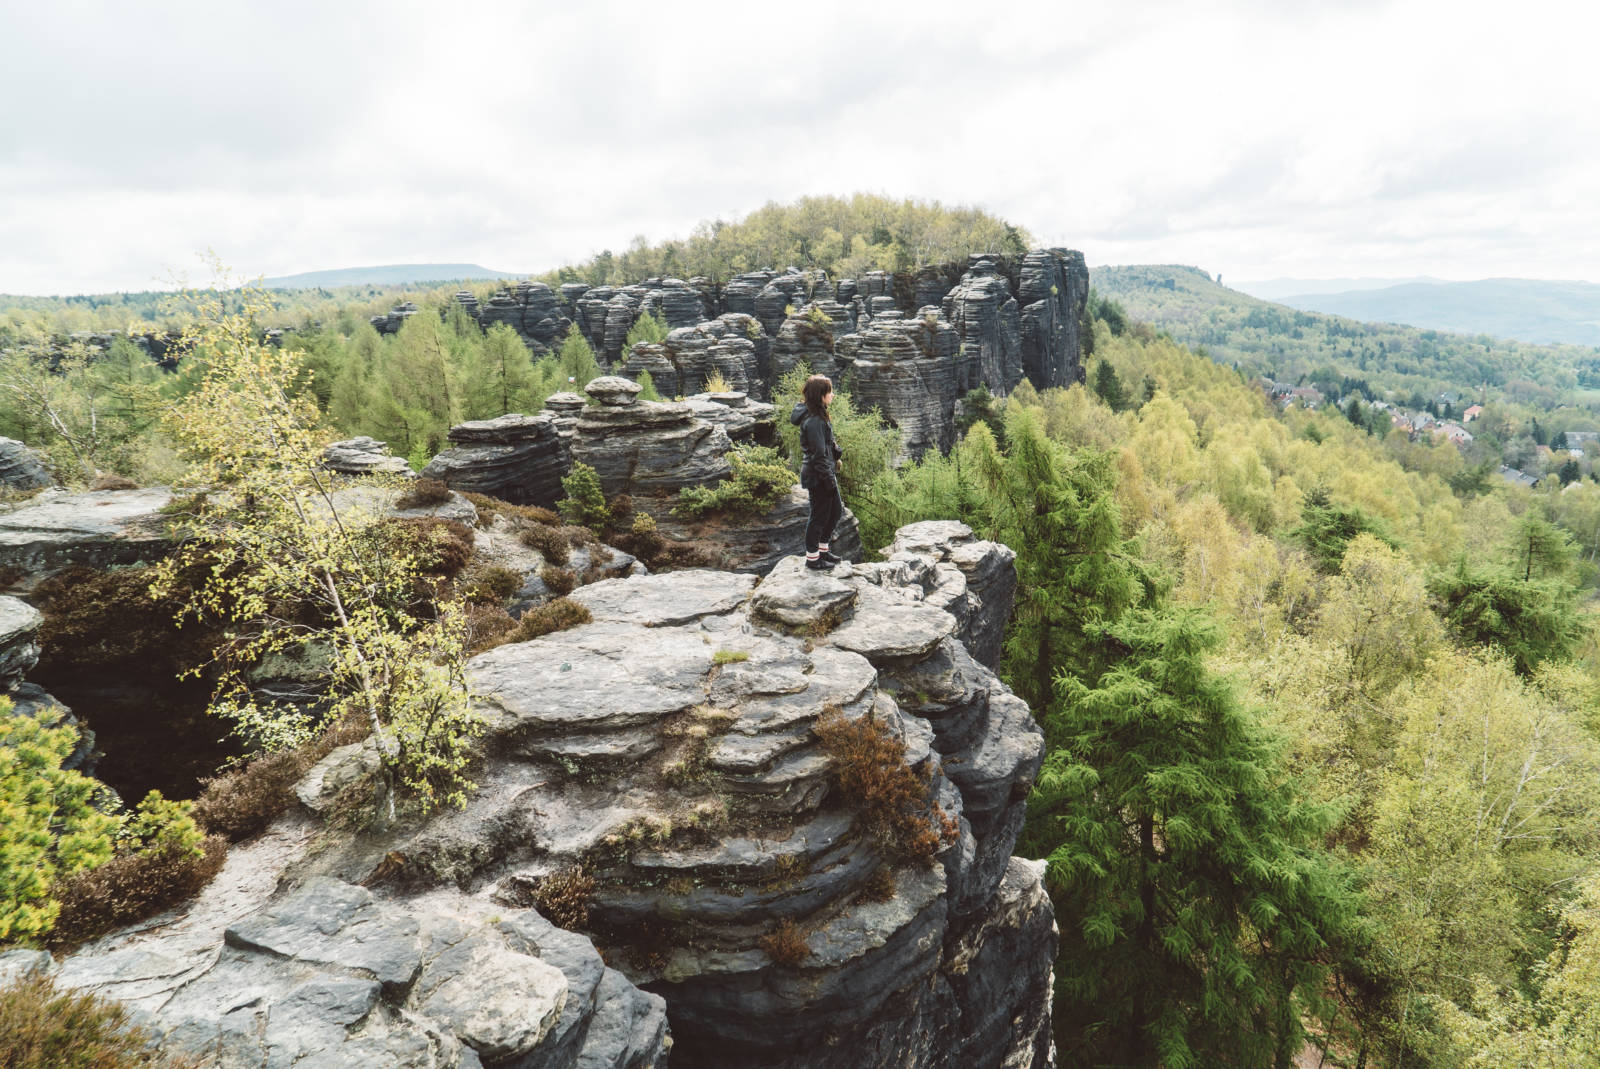 Adrspach National Park, Trutnov Czech